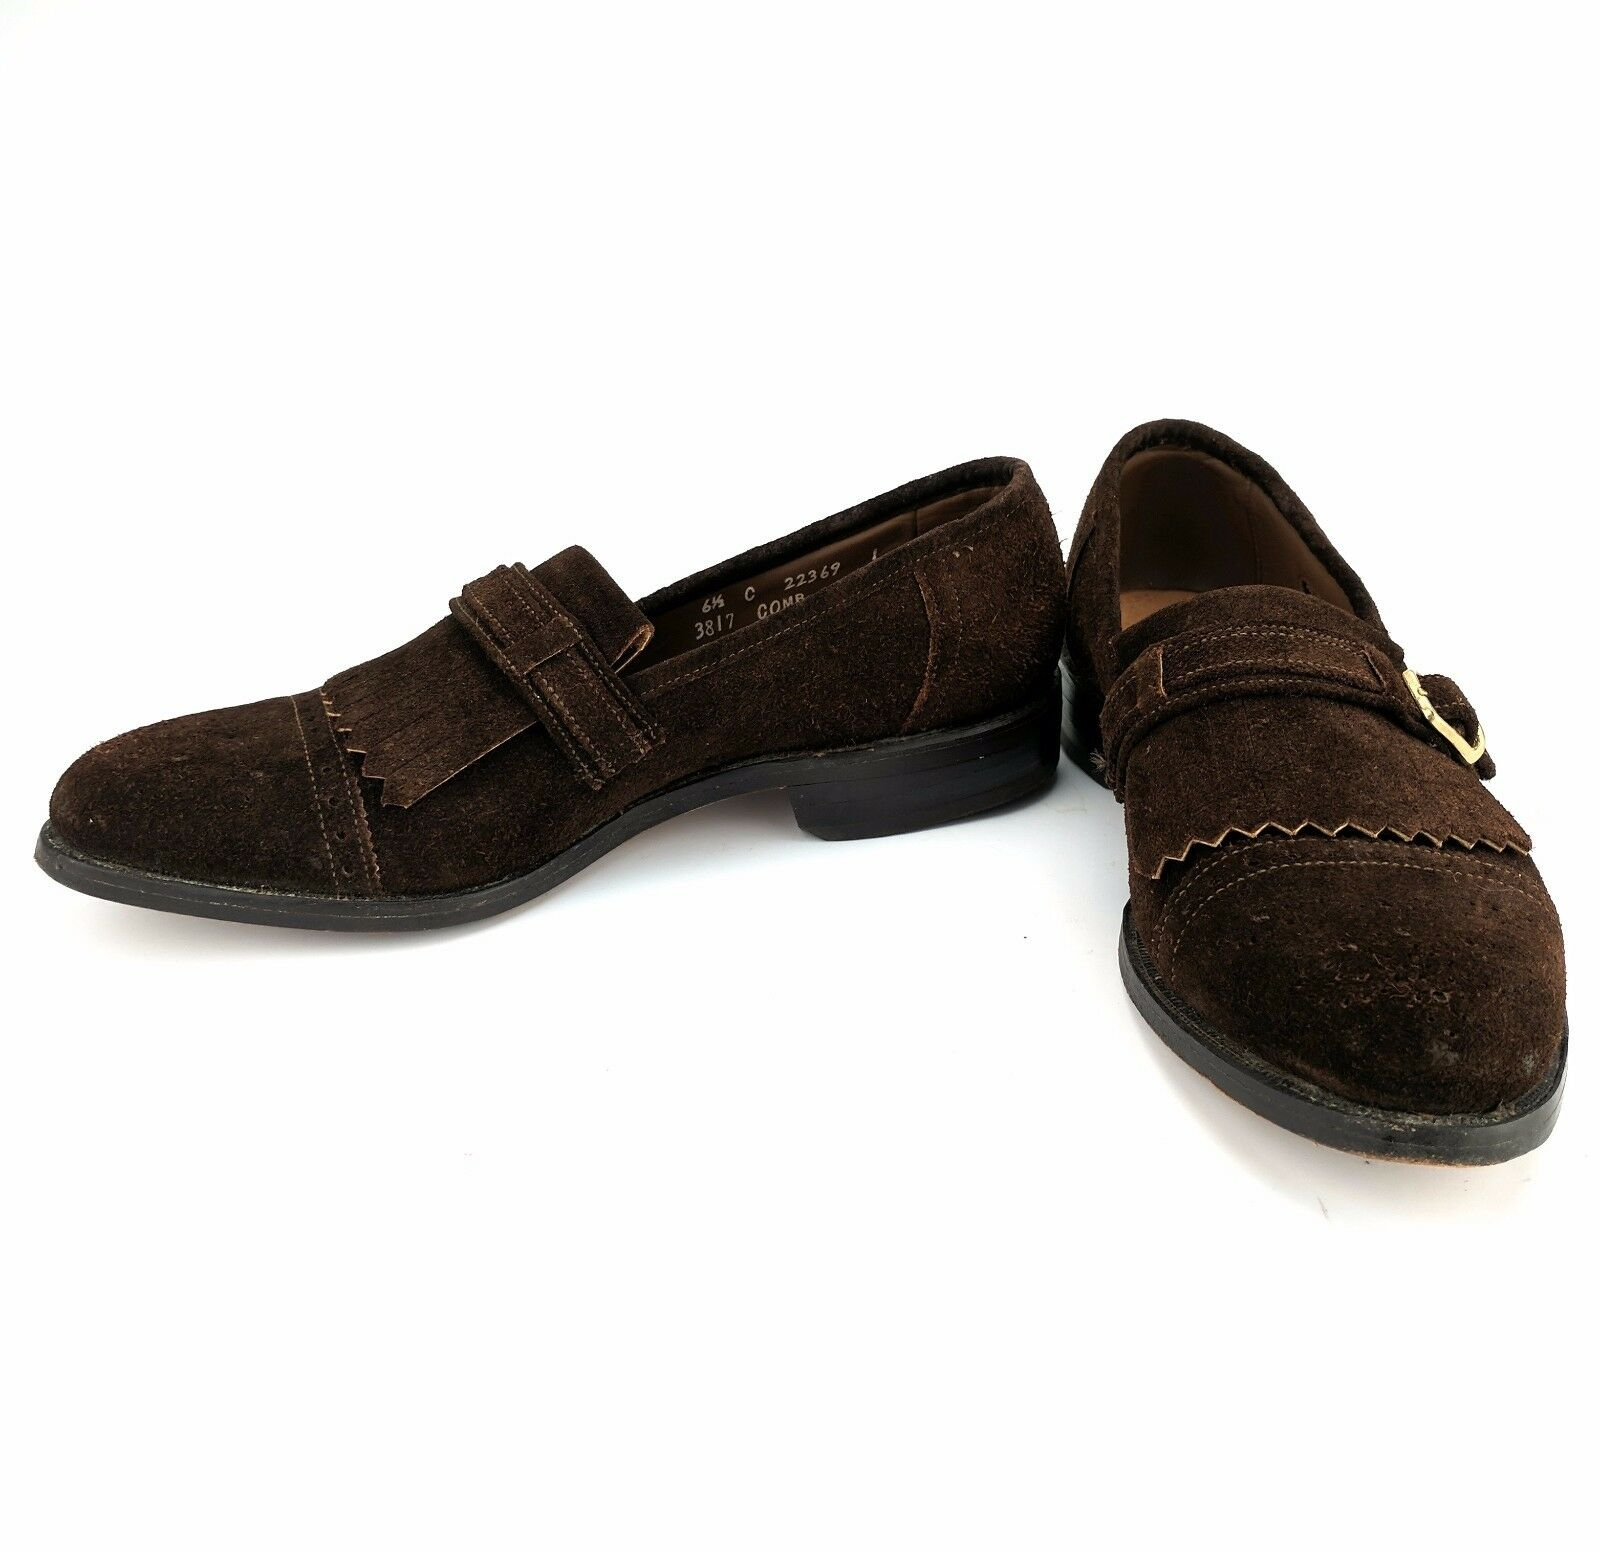 Allen Edmonds Montague Montague Edmonds Braun Suede Loafer Brogue Cap Toe Kiltie Monk Strap 6.5C abbb93